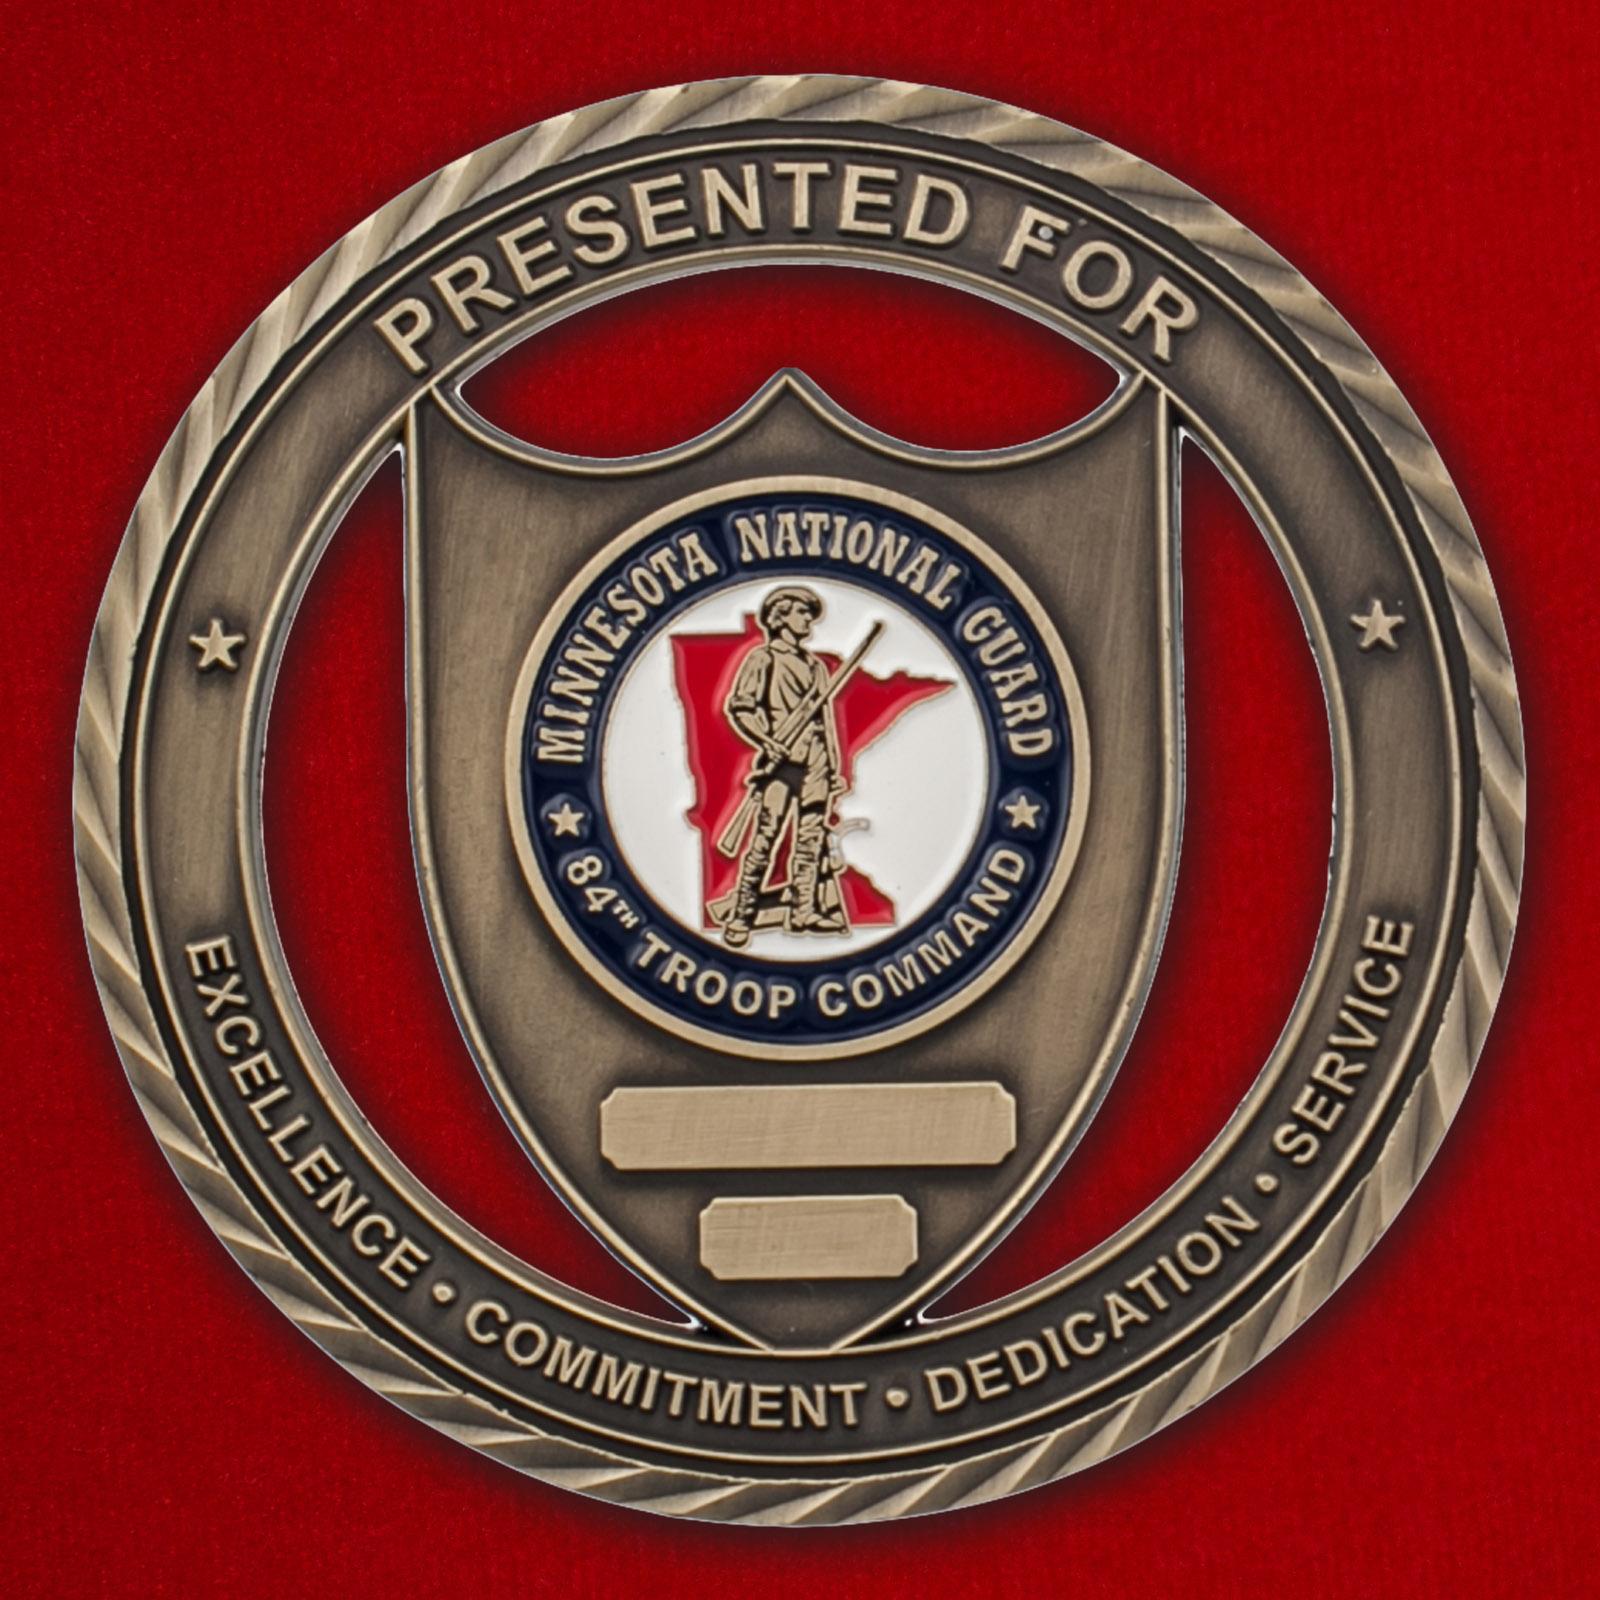 Челлендж коин 84-й воинской части резерва Национальной гвардии в Миннесоте